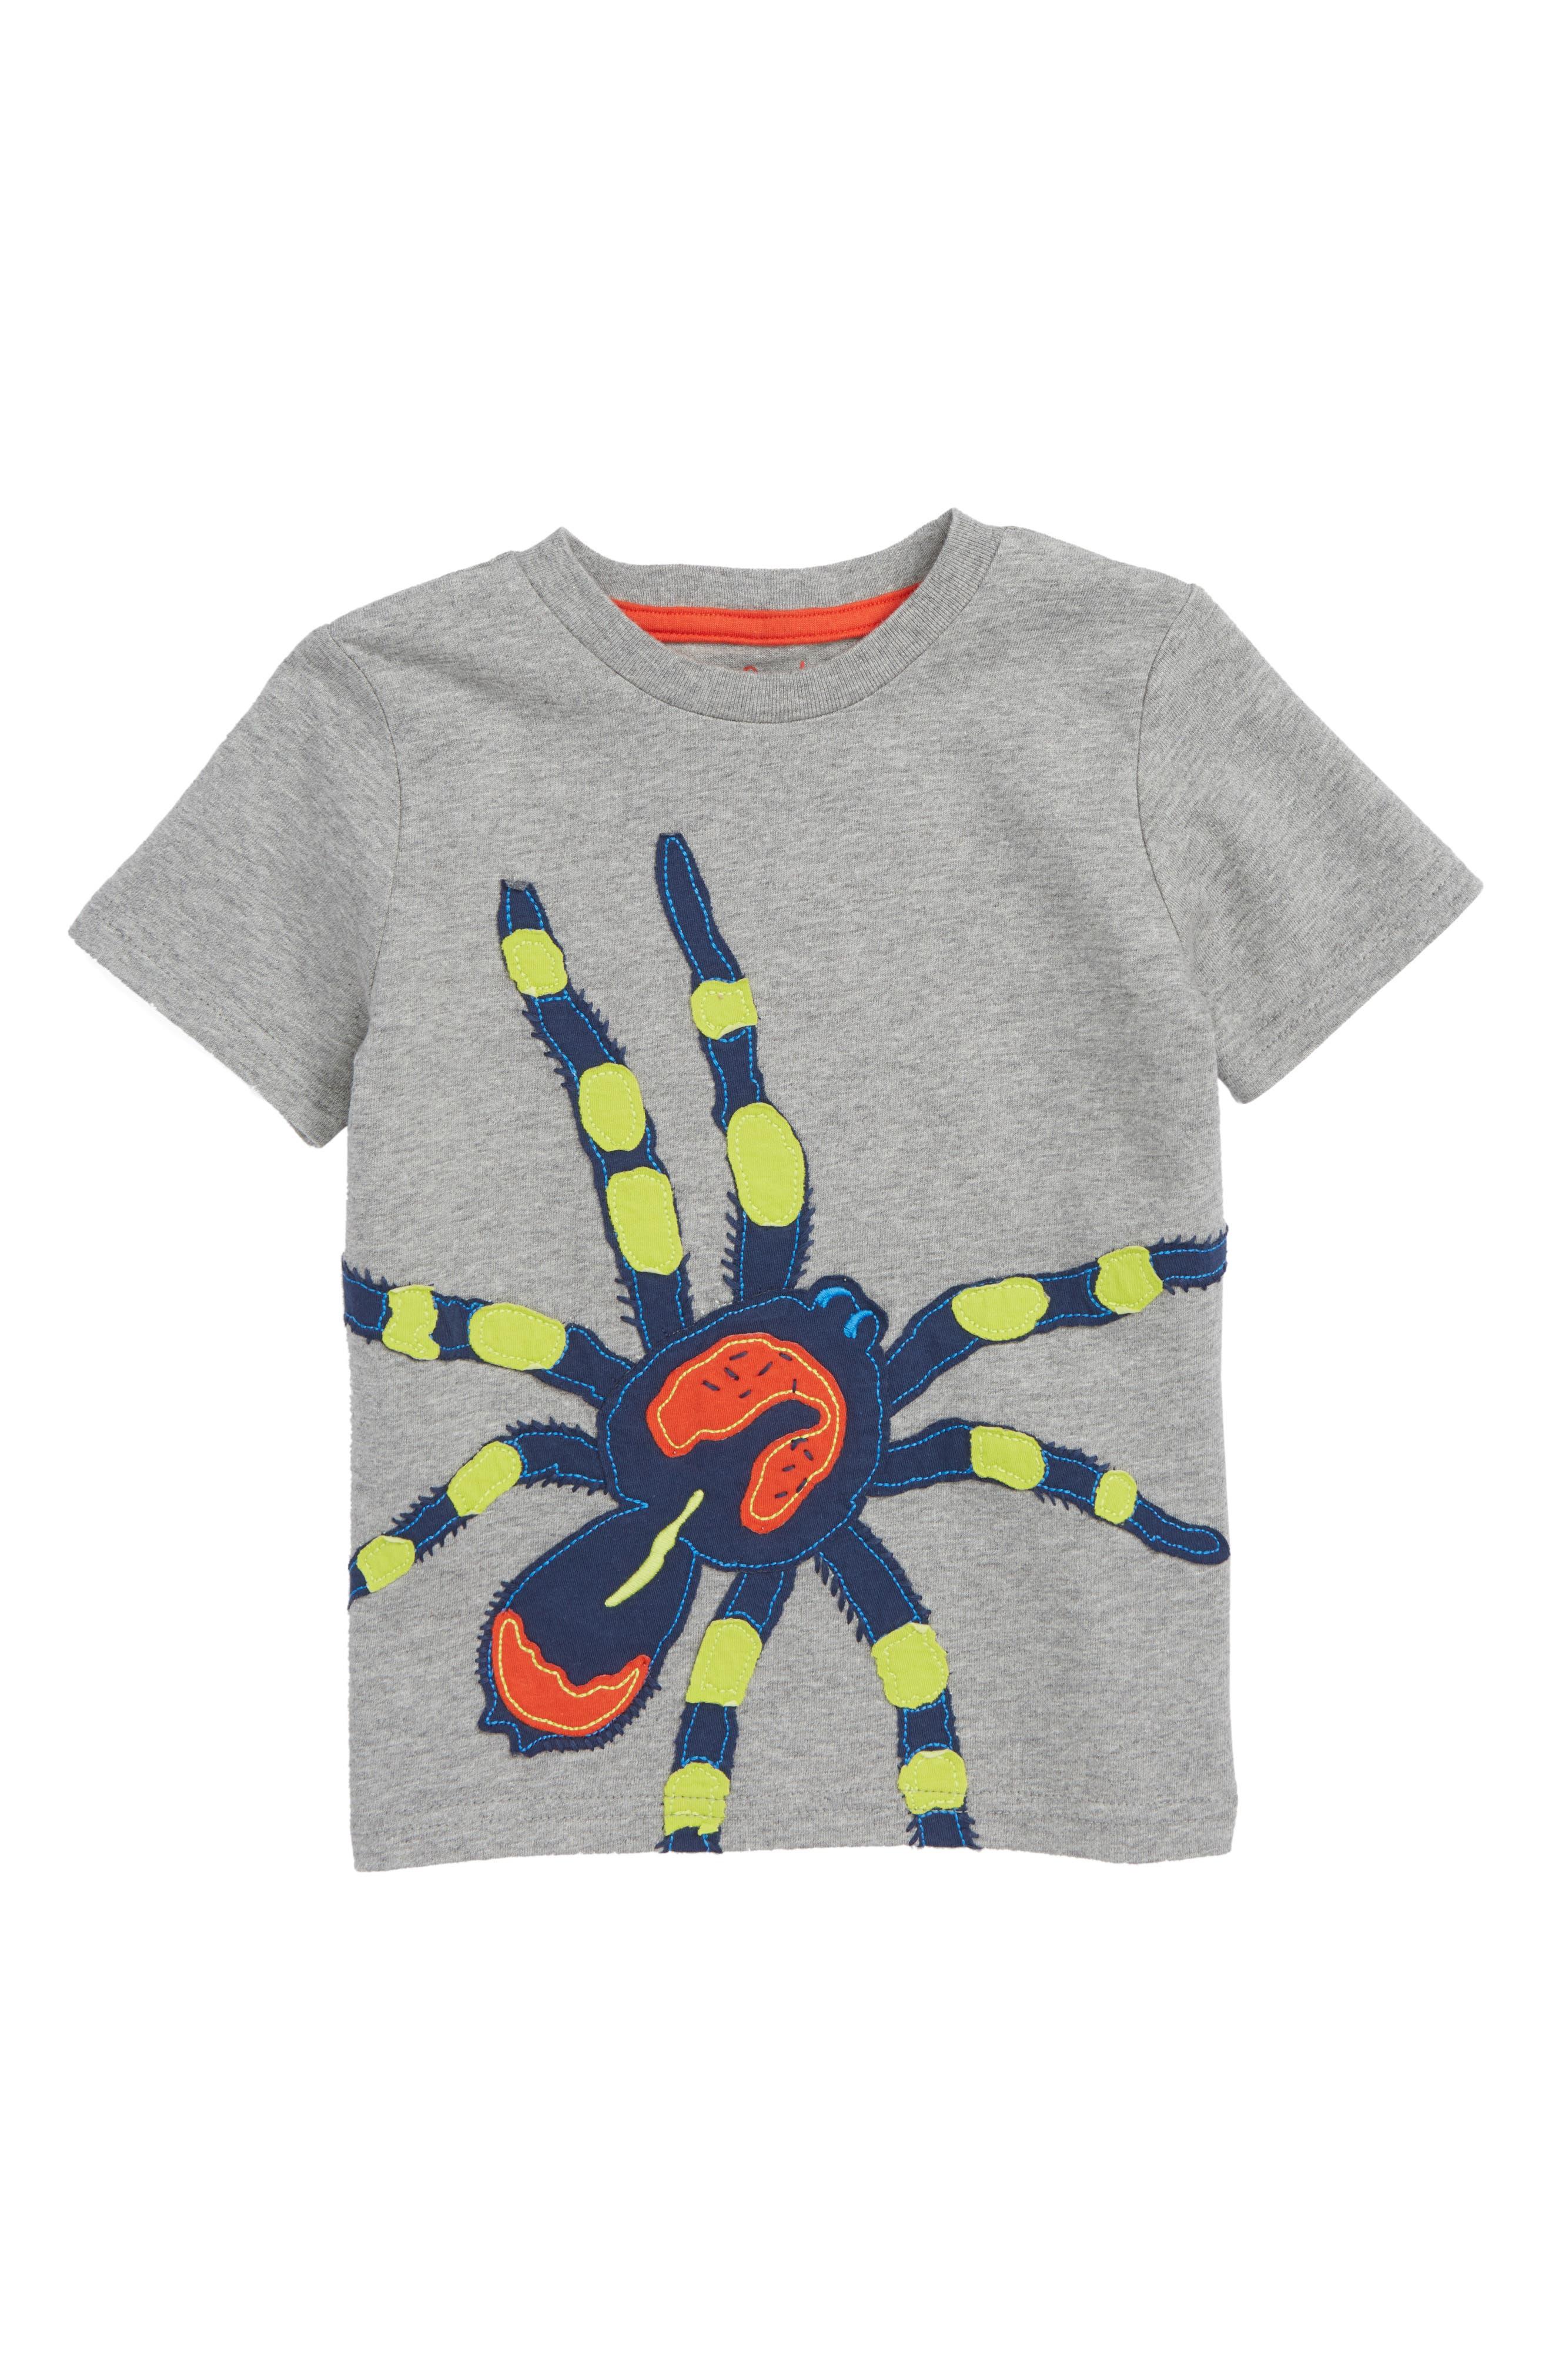 Big Spider Appliqué Shirt,                         Main,                         color, Charcoal Grey Marl Spider